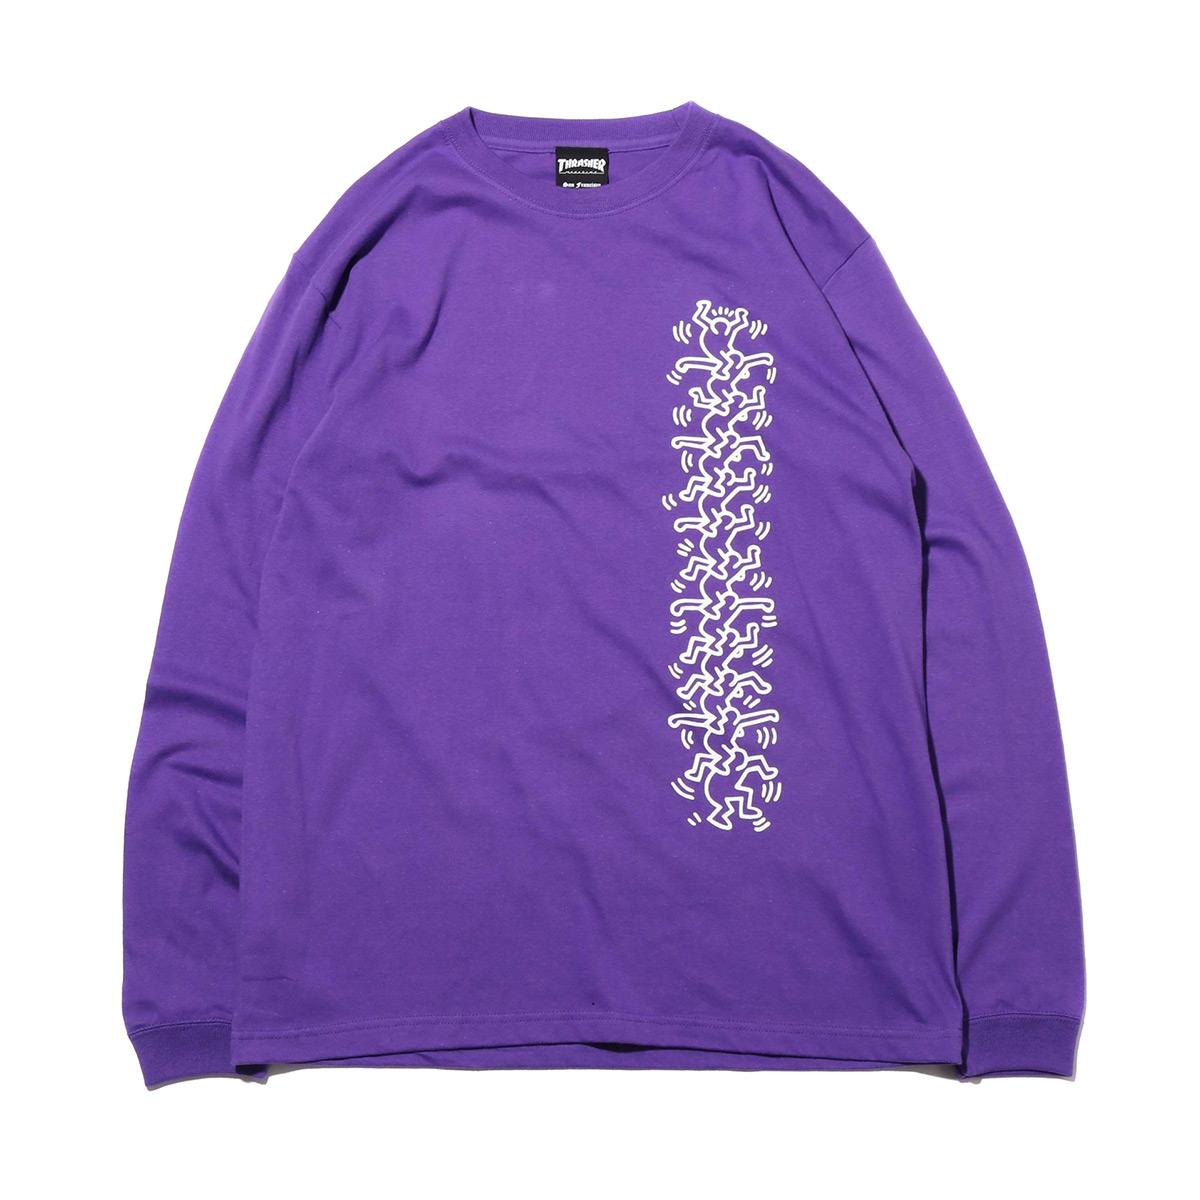 THRASHER x Keith Haring L/S TEE(PURPLE)(スラッシャー キースへリング ロングスリーブ ティーシャツ)【メンズ】【長袖Tシャツ】【18FW-I】